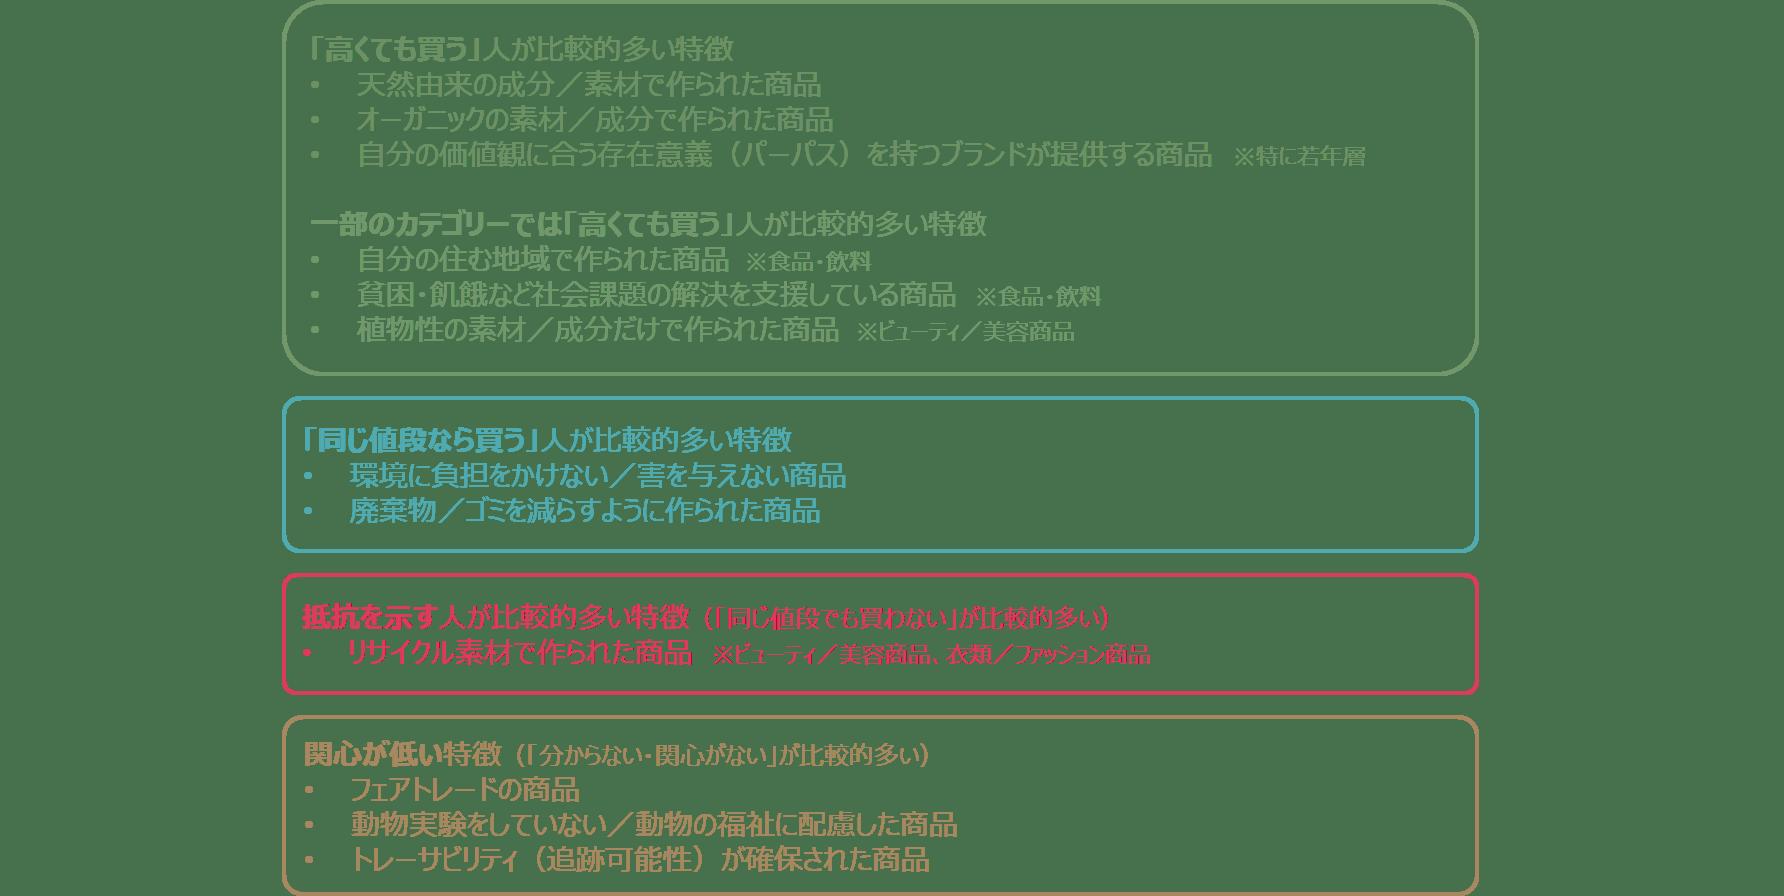 エシカル_overall_02.png